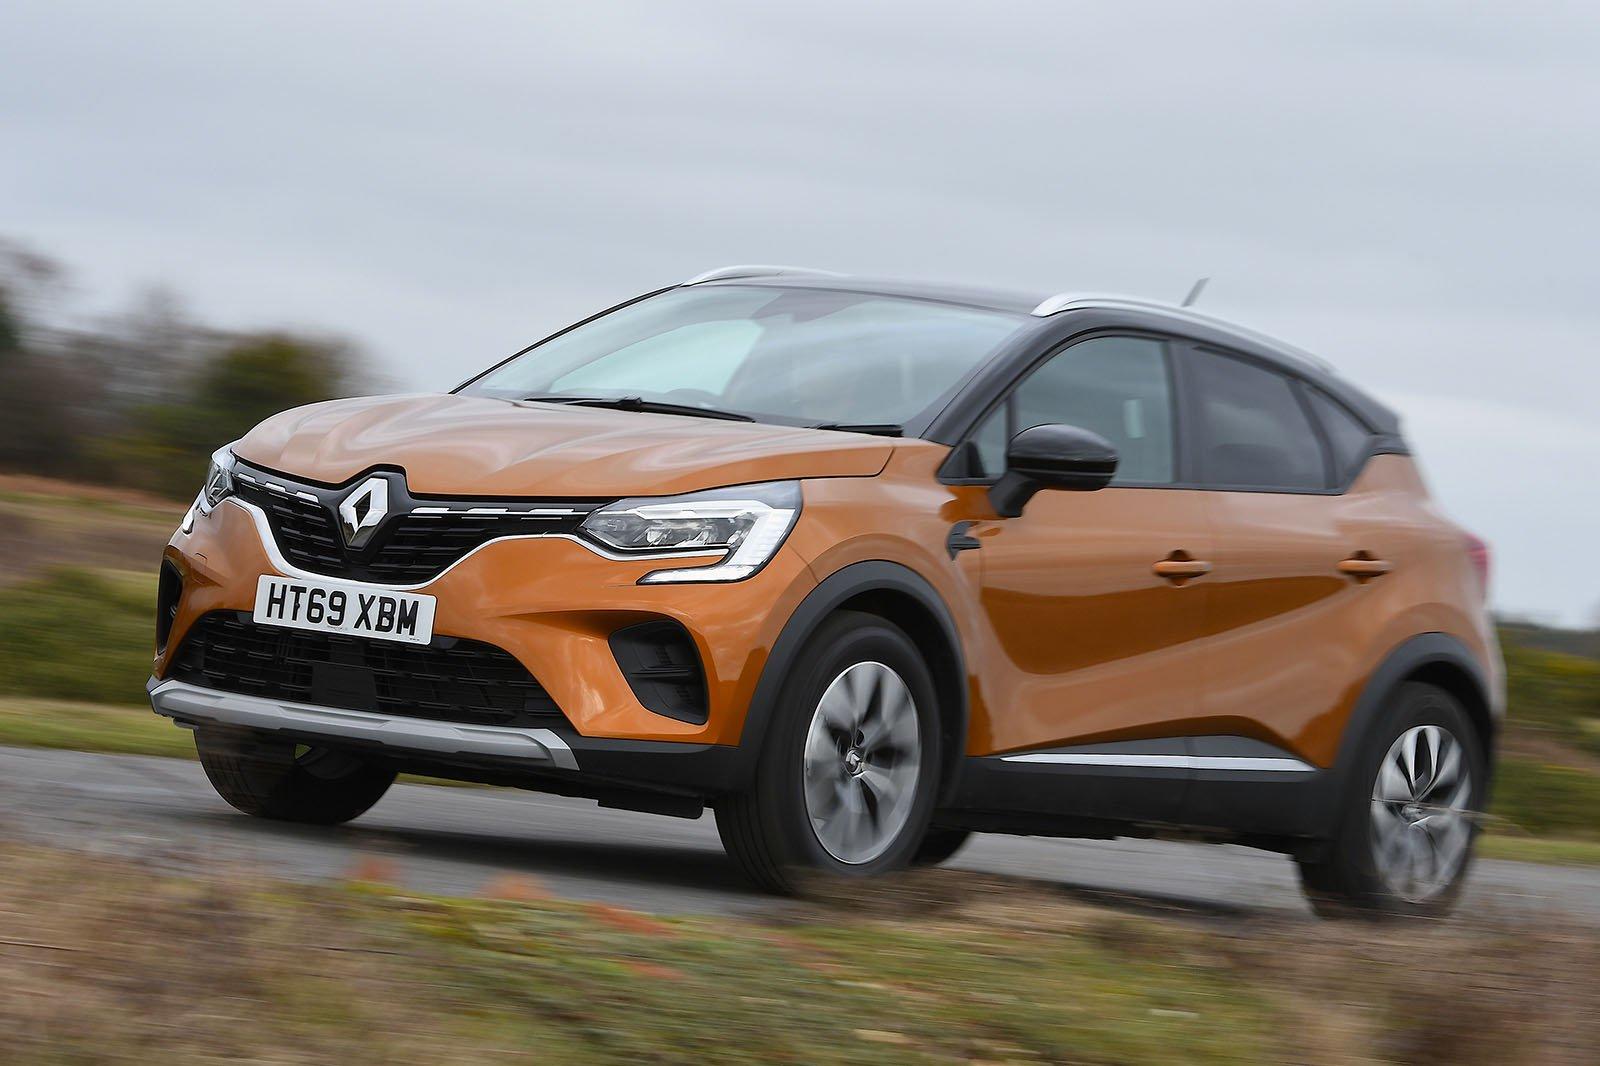 Renault Captur 2020 RHD wide front left tracking